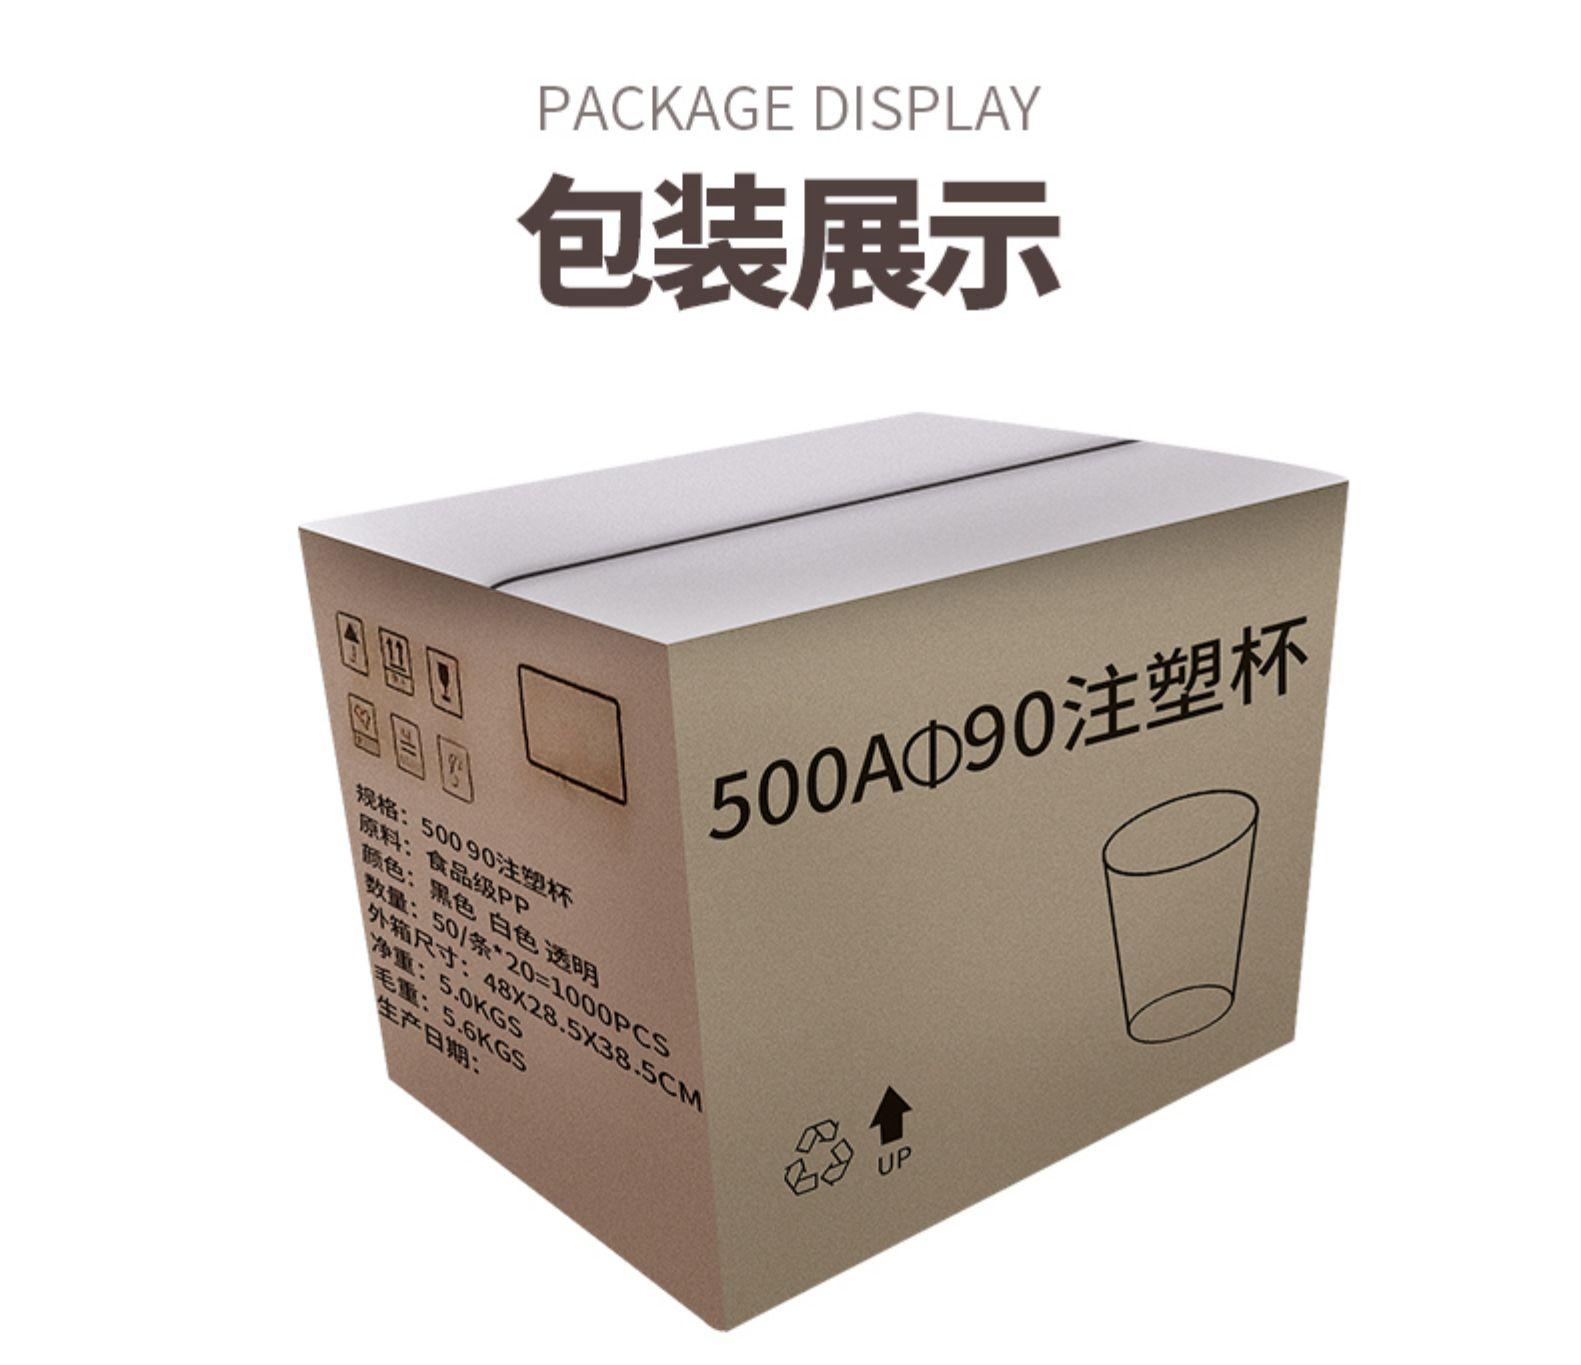 凡王口径奶茶杯子定製一次性带盖子加厚塑料注塑杯详细照片